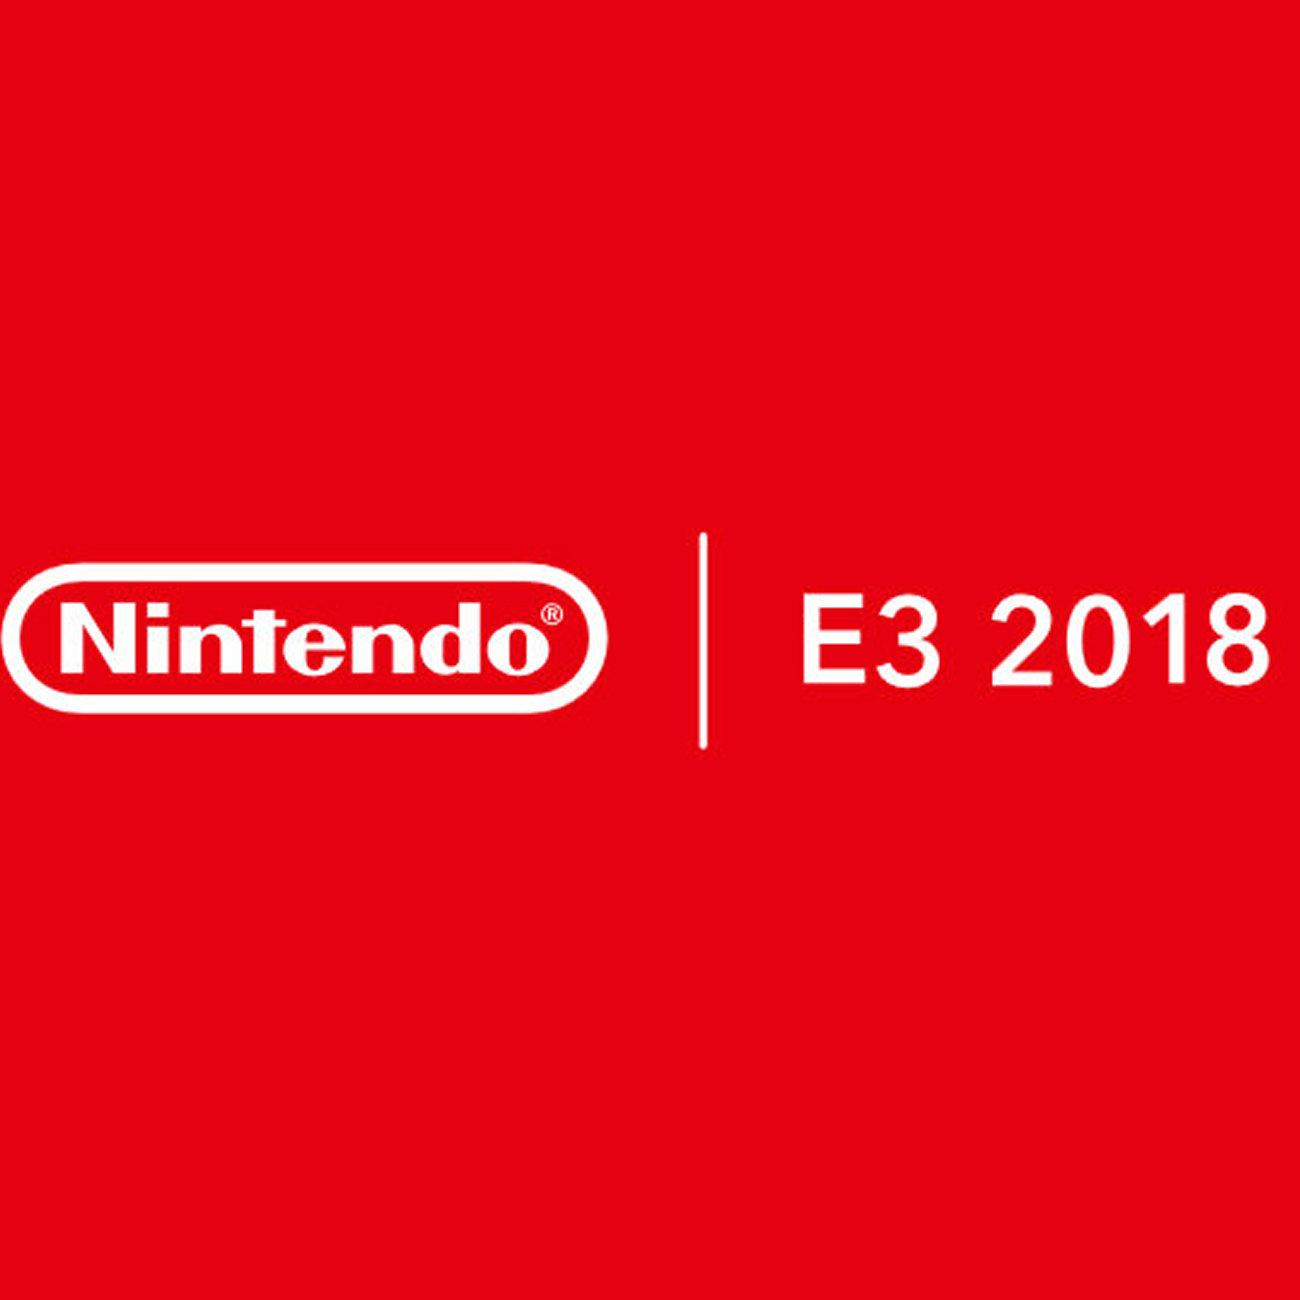 任天堂、E3 2018予定。スイッチ用の新作ゲーム